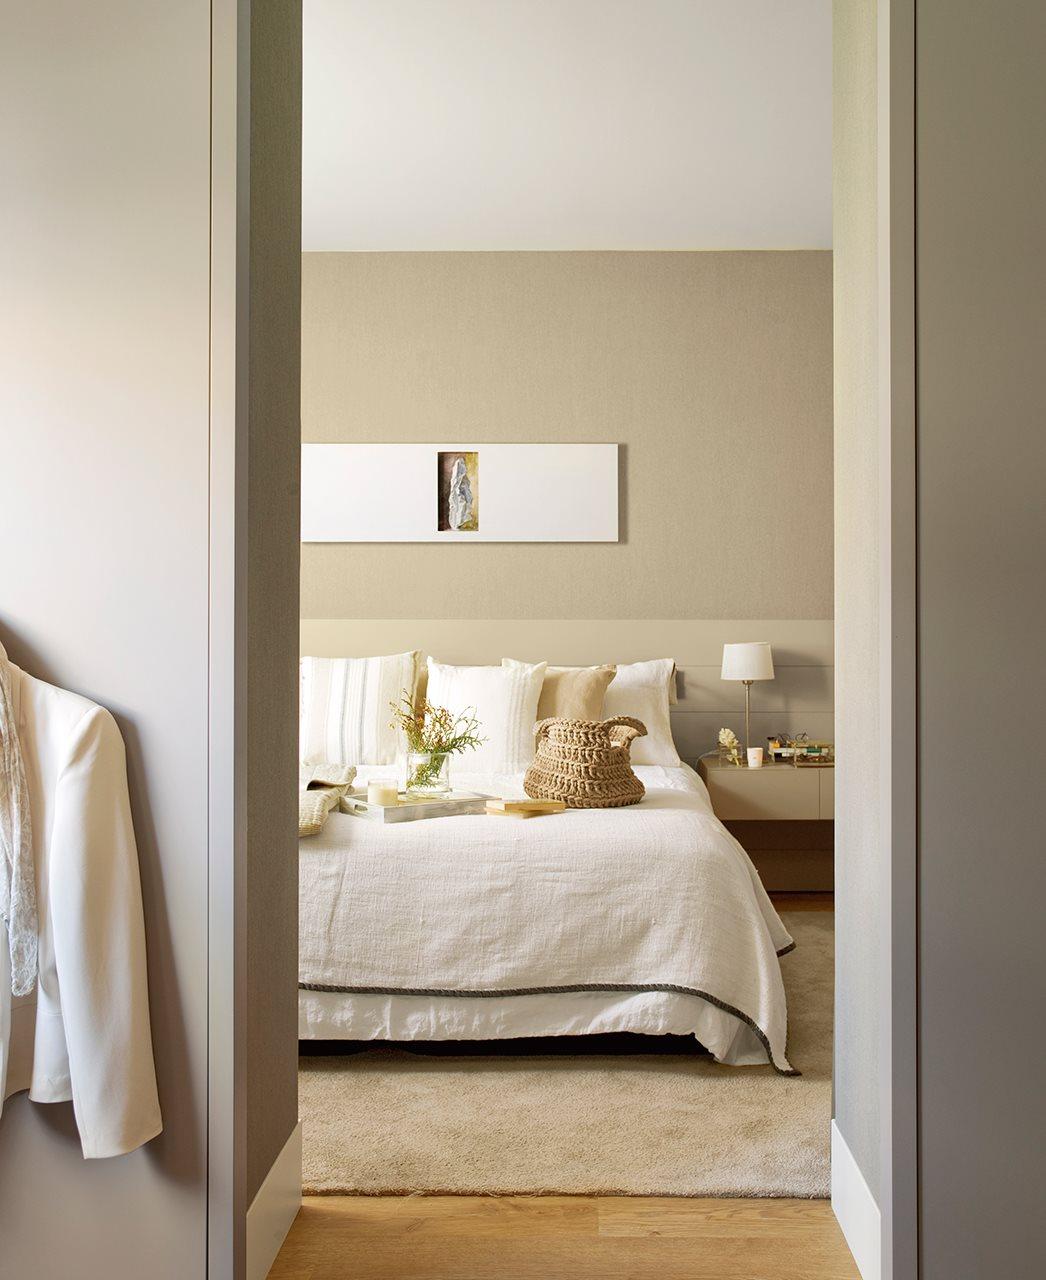 Reforma para ampliar luz y espacio for Ideas para dormitorios matrimoniales